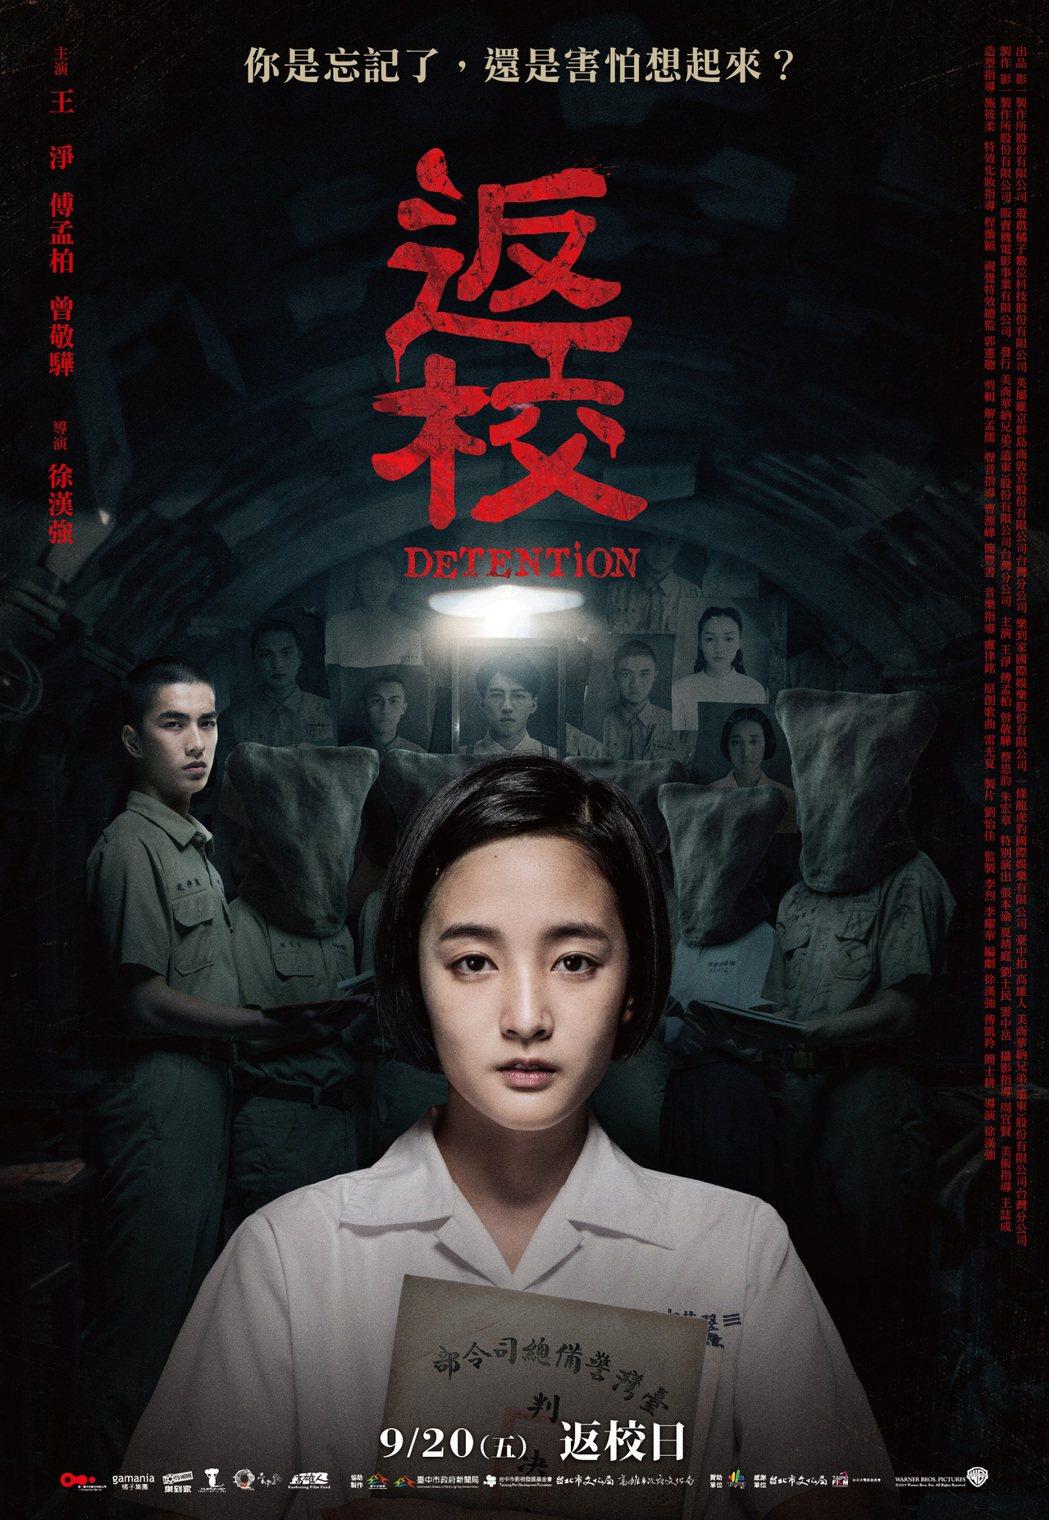 電影「返校」於9月20日全台盛大上映。圖/影一製作提供